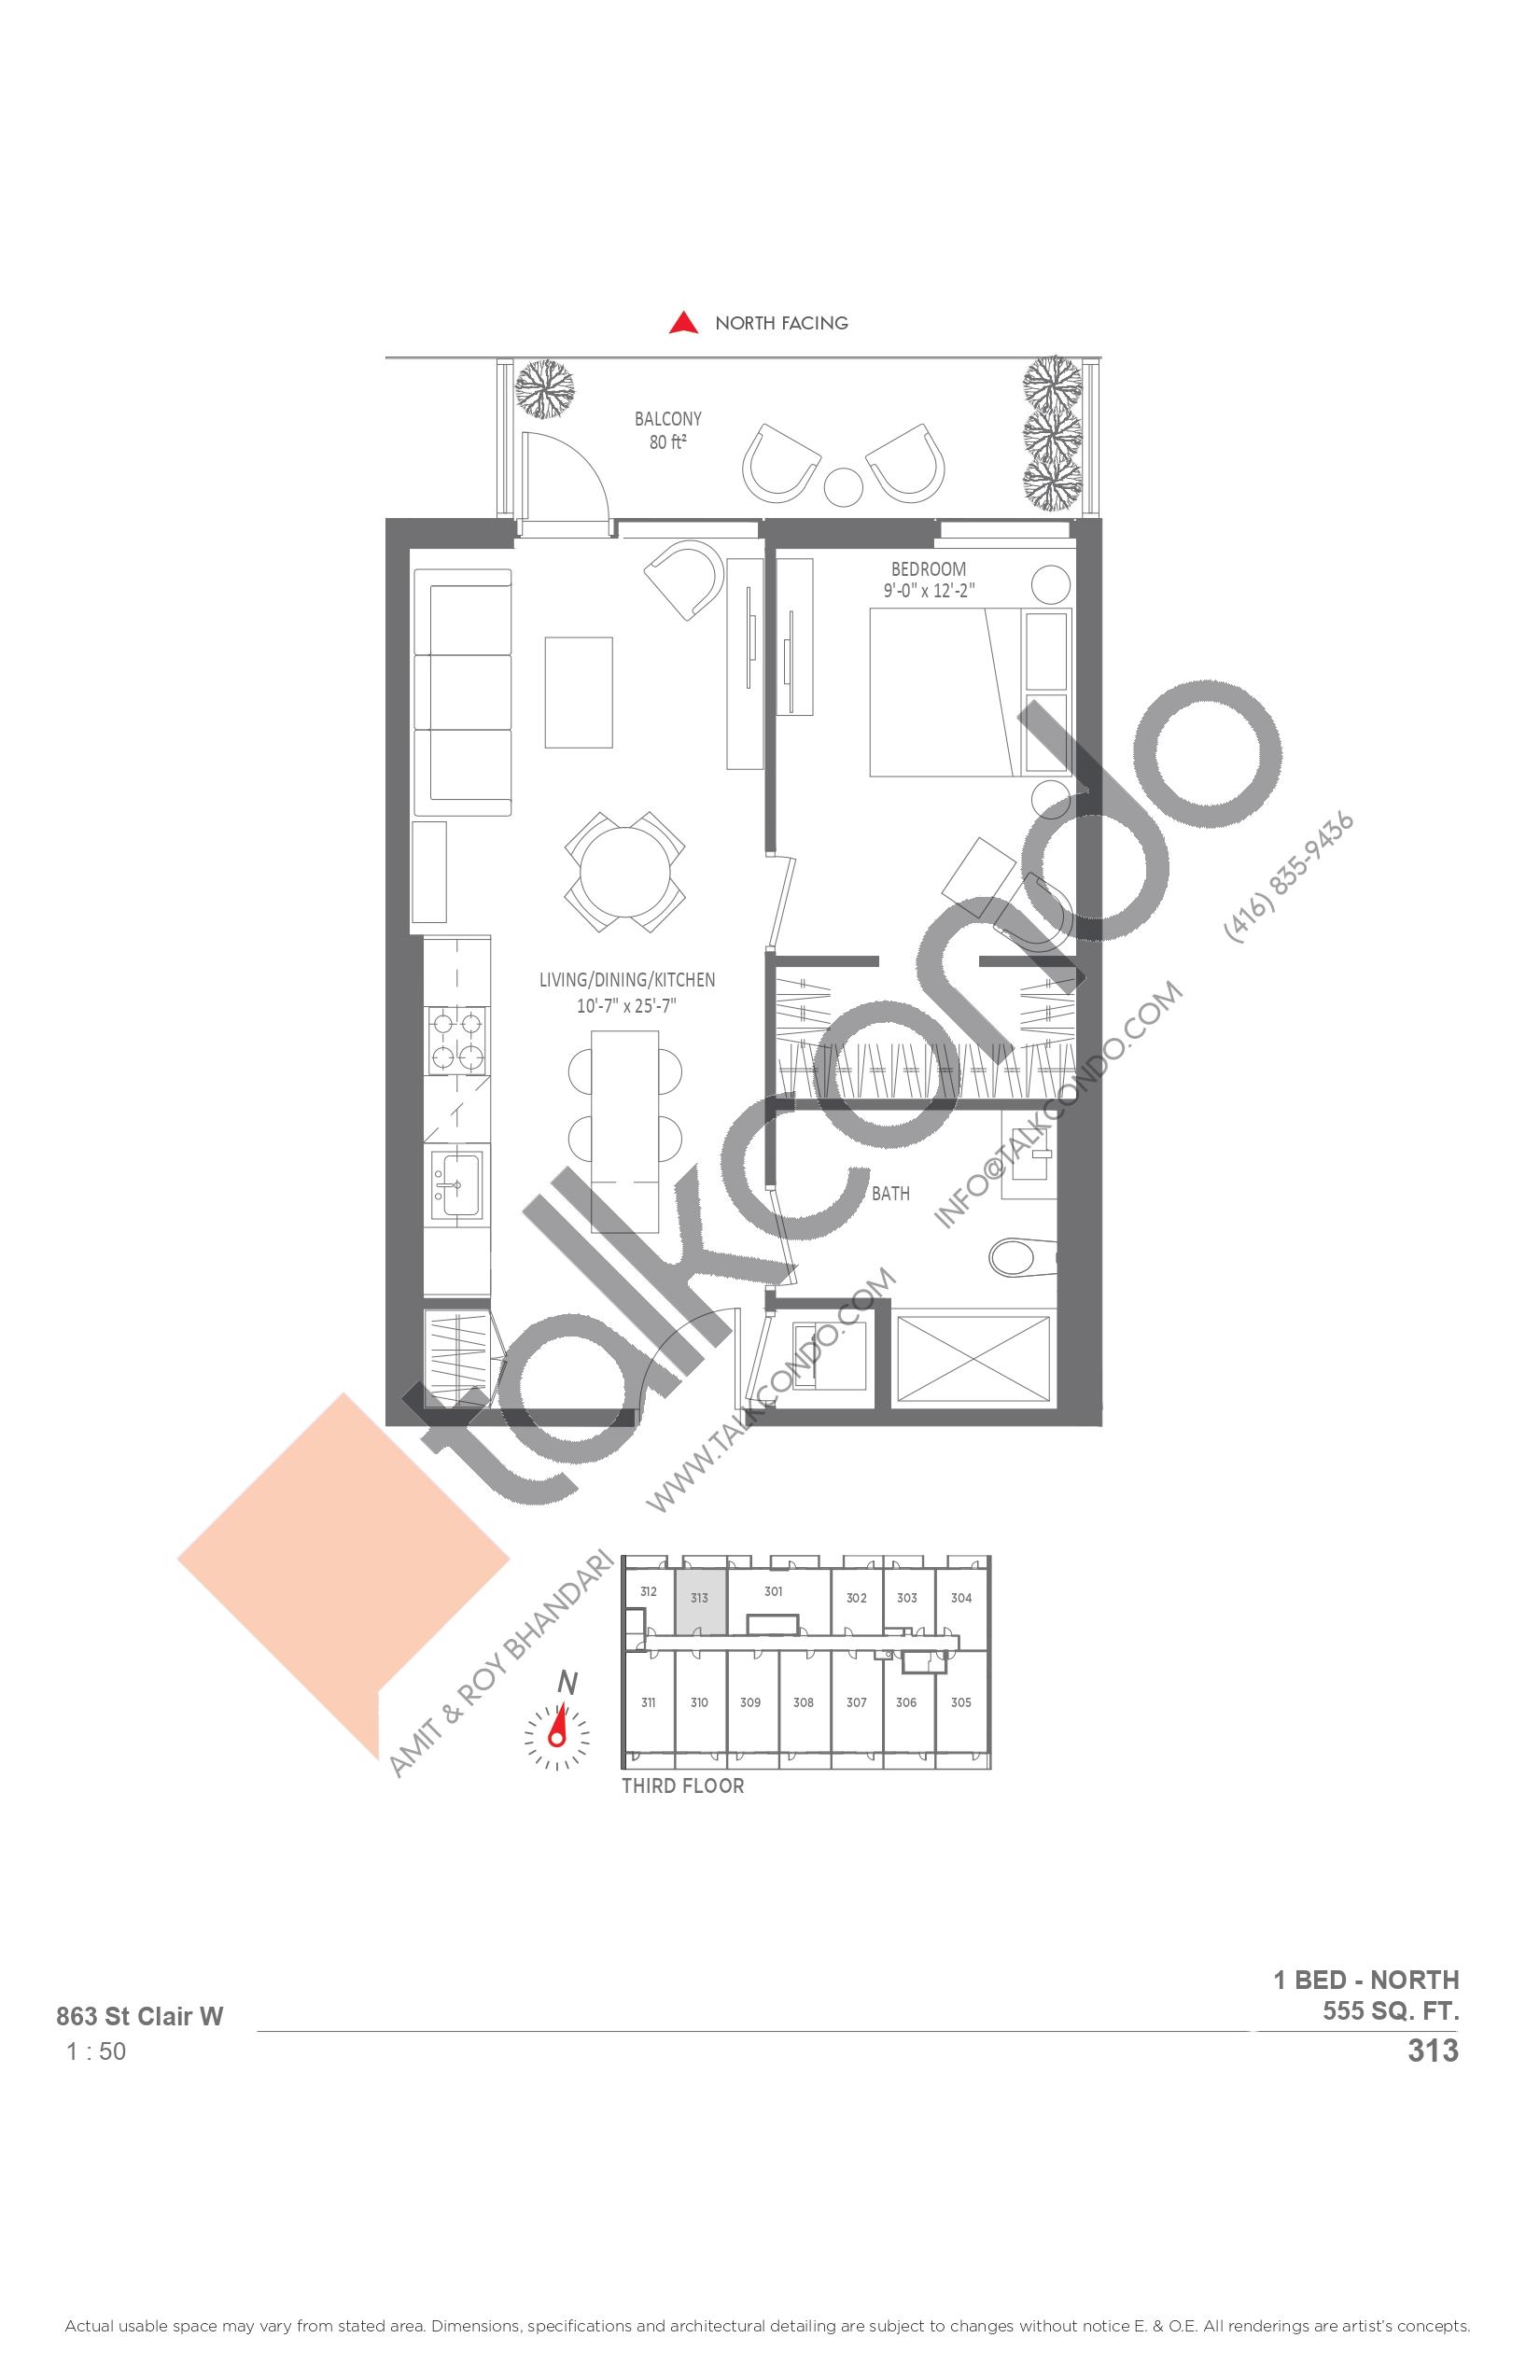 313 Floor Plan at Monza Condos - 555 sq.ft